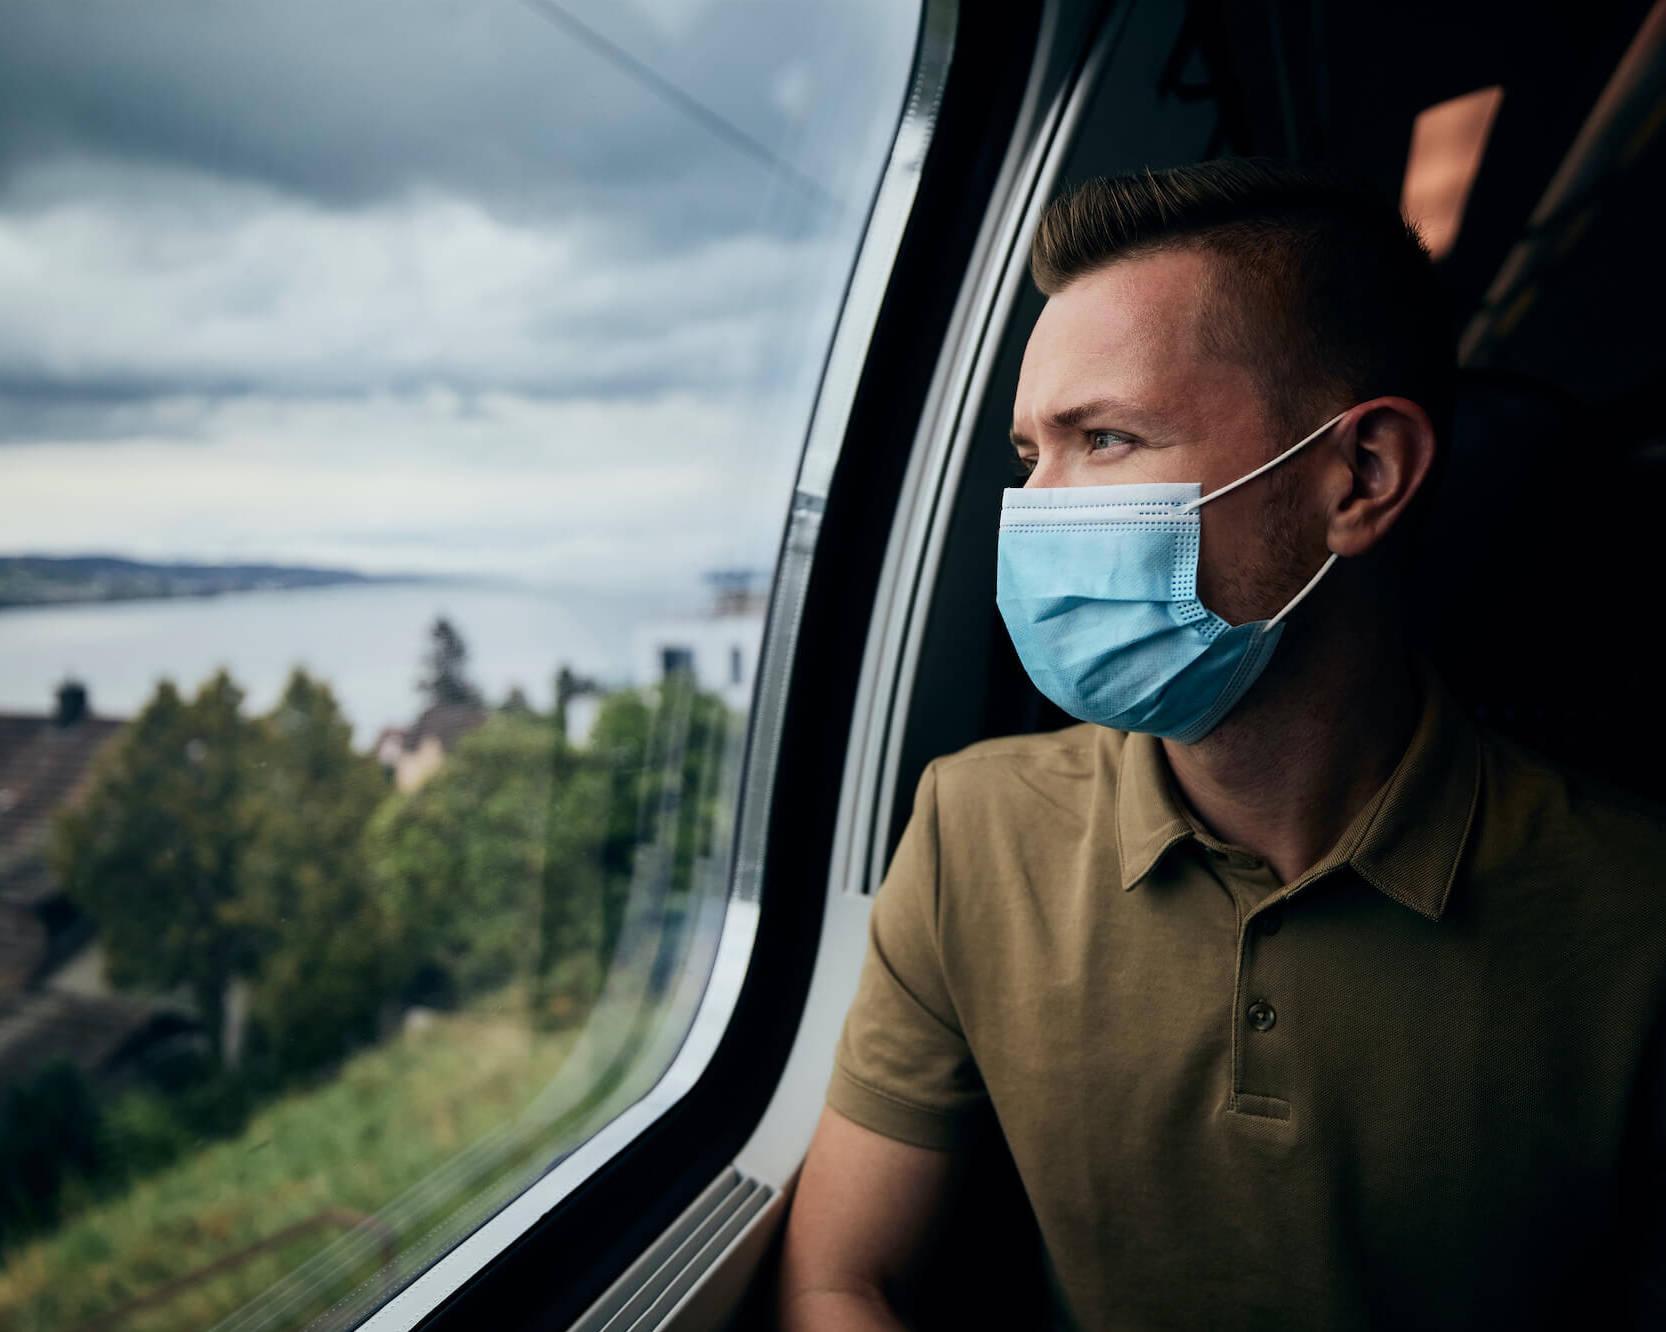 Mann sitzt mit Maske im Zug und schaut aus dem Fenster.